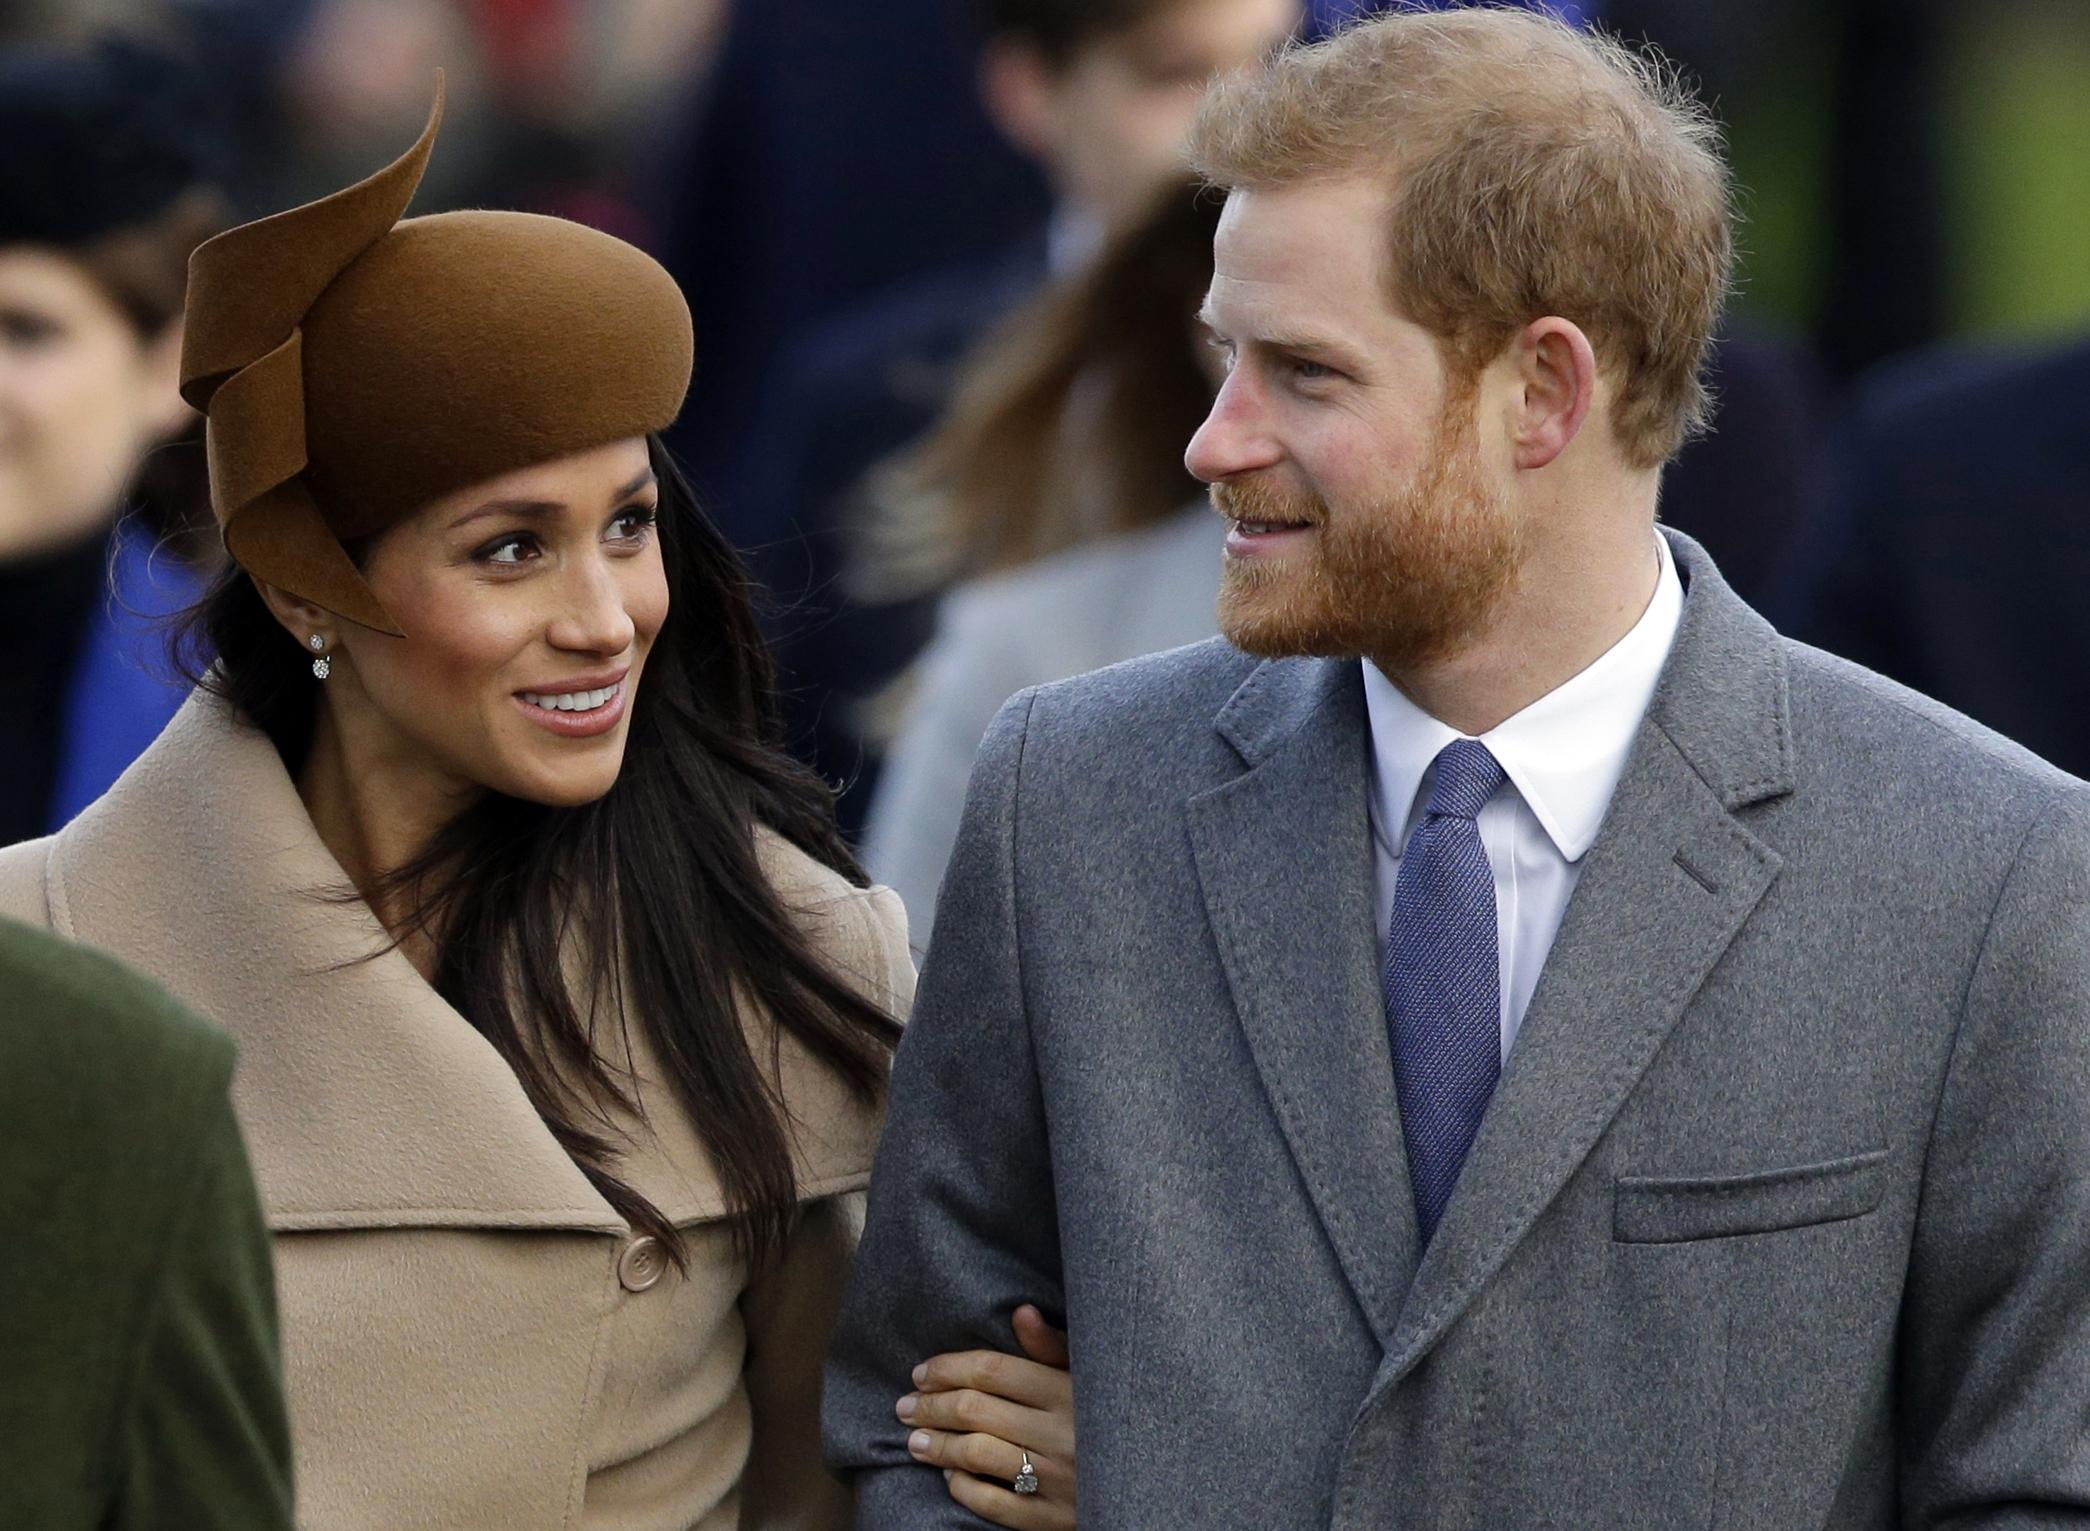 En el 2017, meses antes de la boda, Meghan de su primer servicio religioso navideño con la reina Elizabeth II, una importante actividad a la que todos los años asisten casi todos los miembros de la familia real británica. (Archivo)